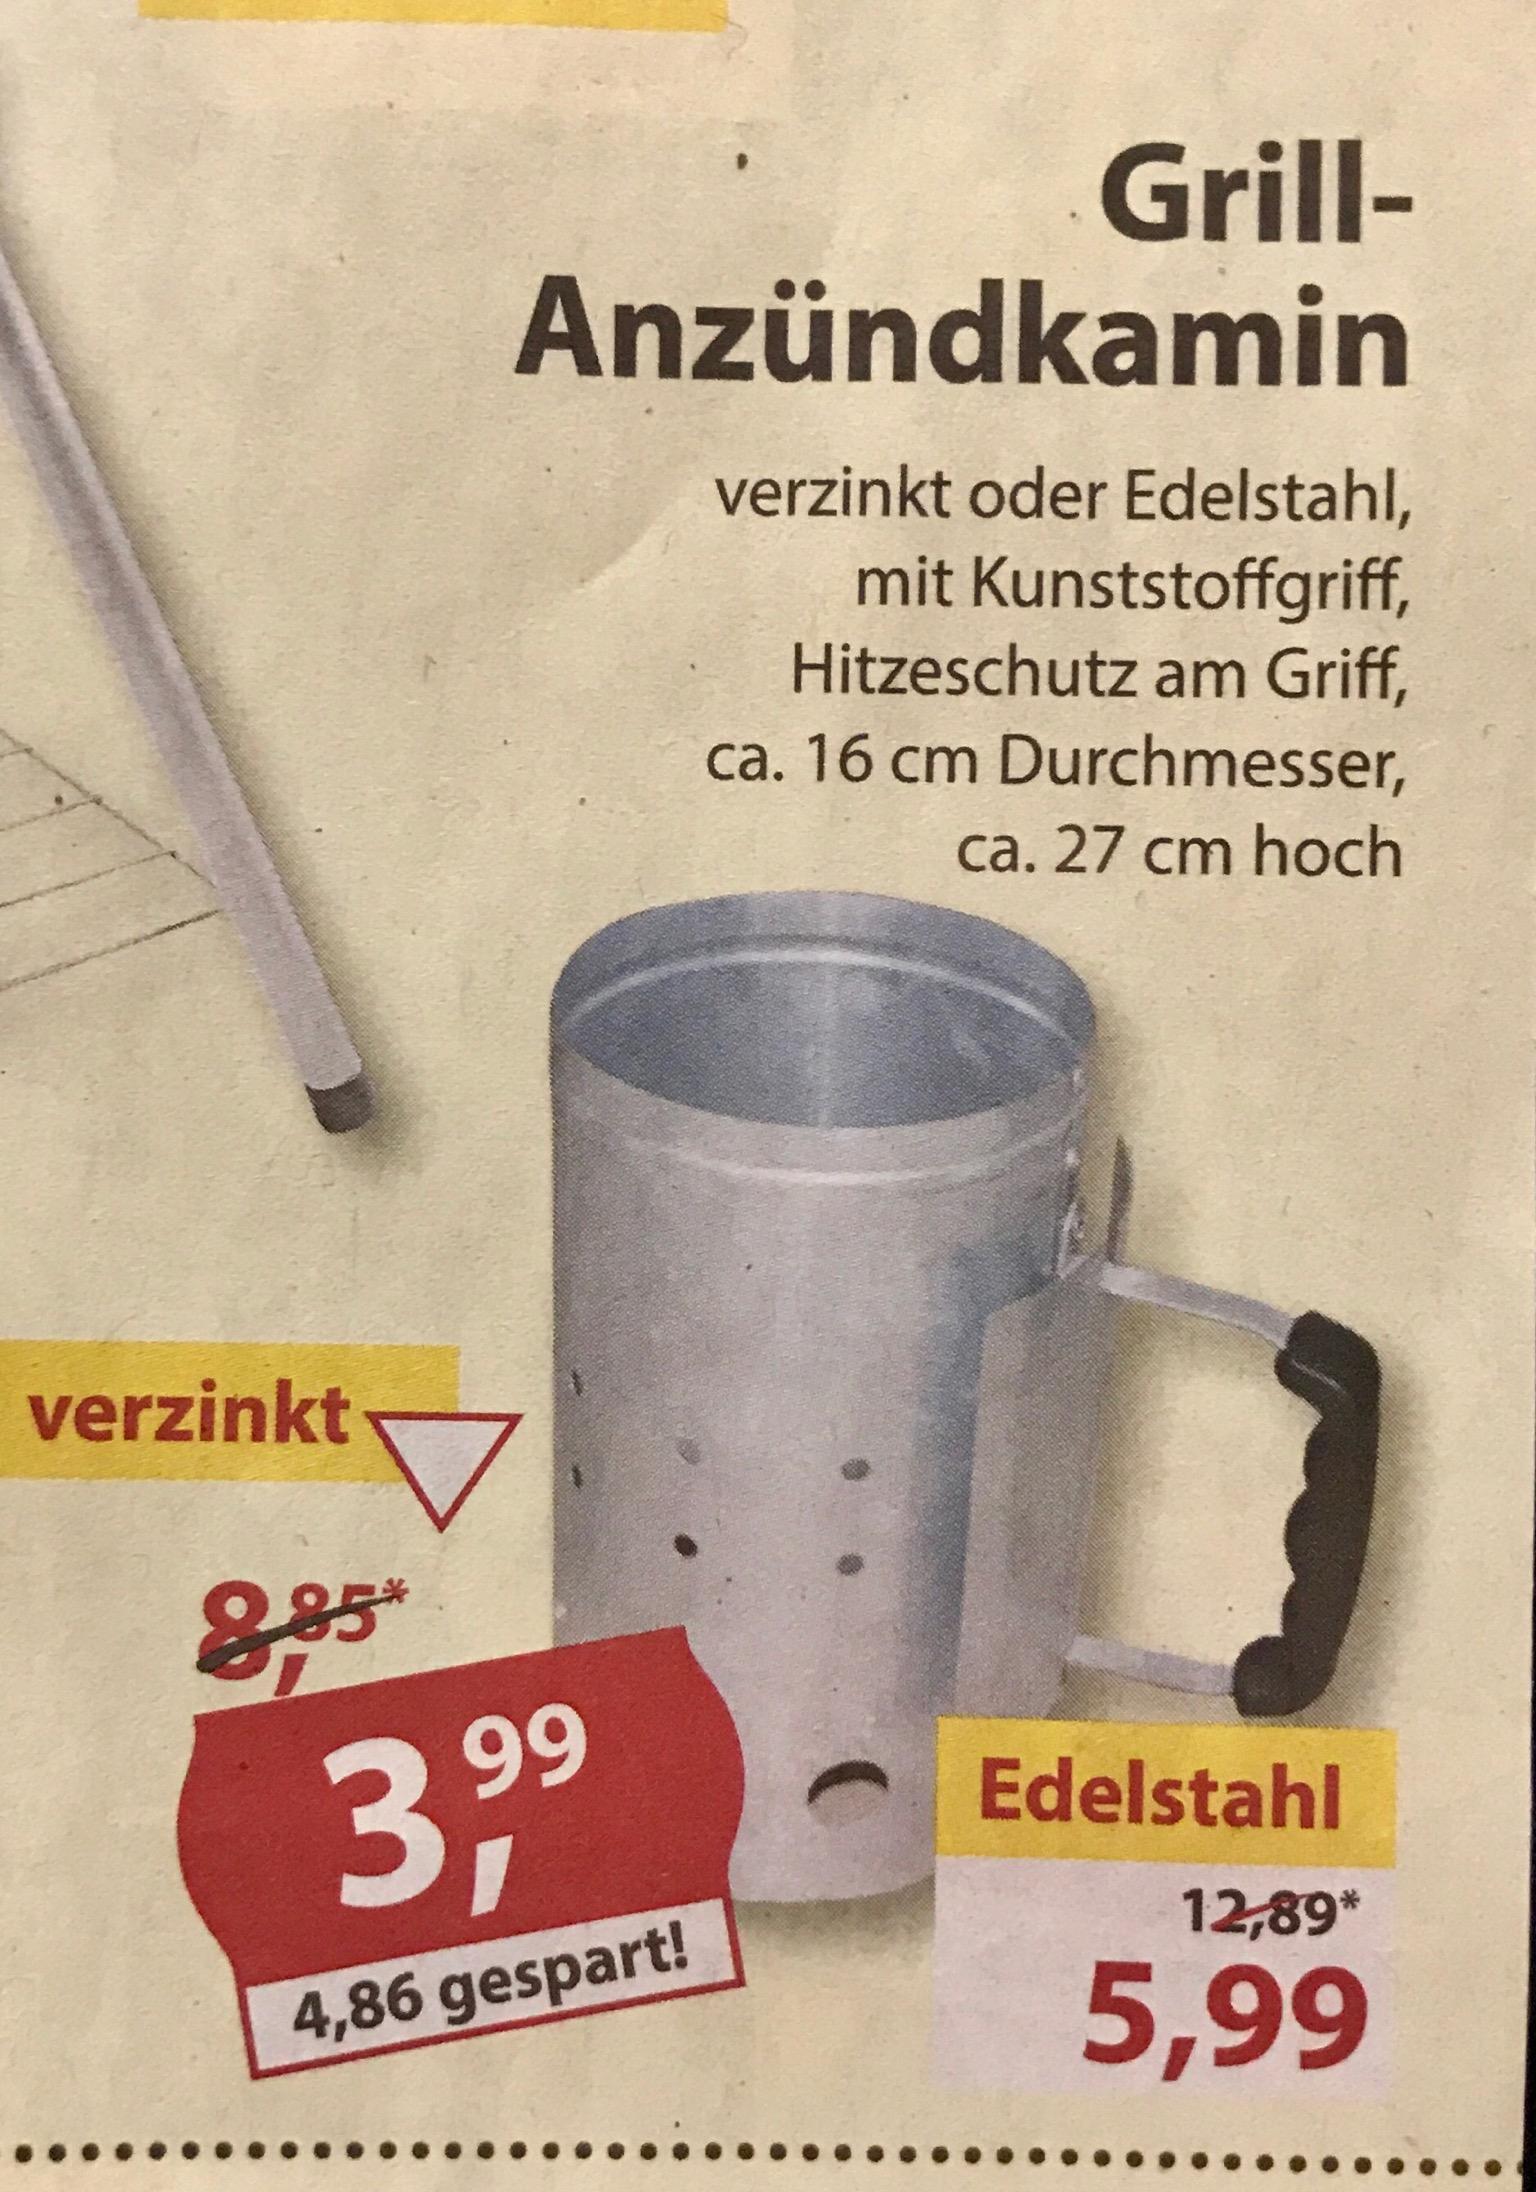 [lokal Sonderpreis-Baumarkt] Grillanzündkamin Edelstahl